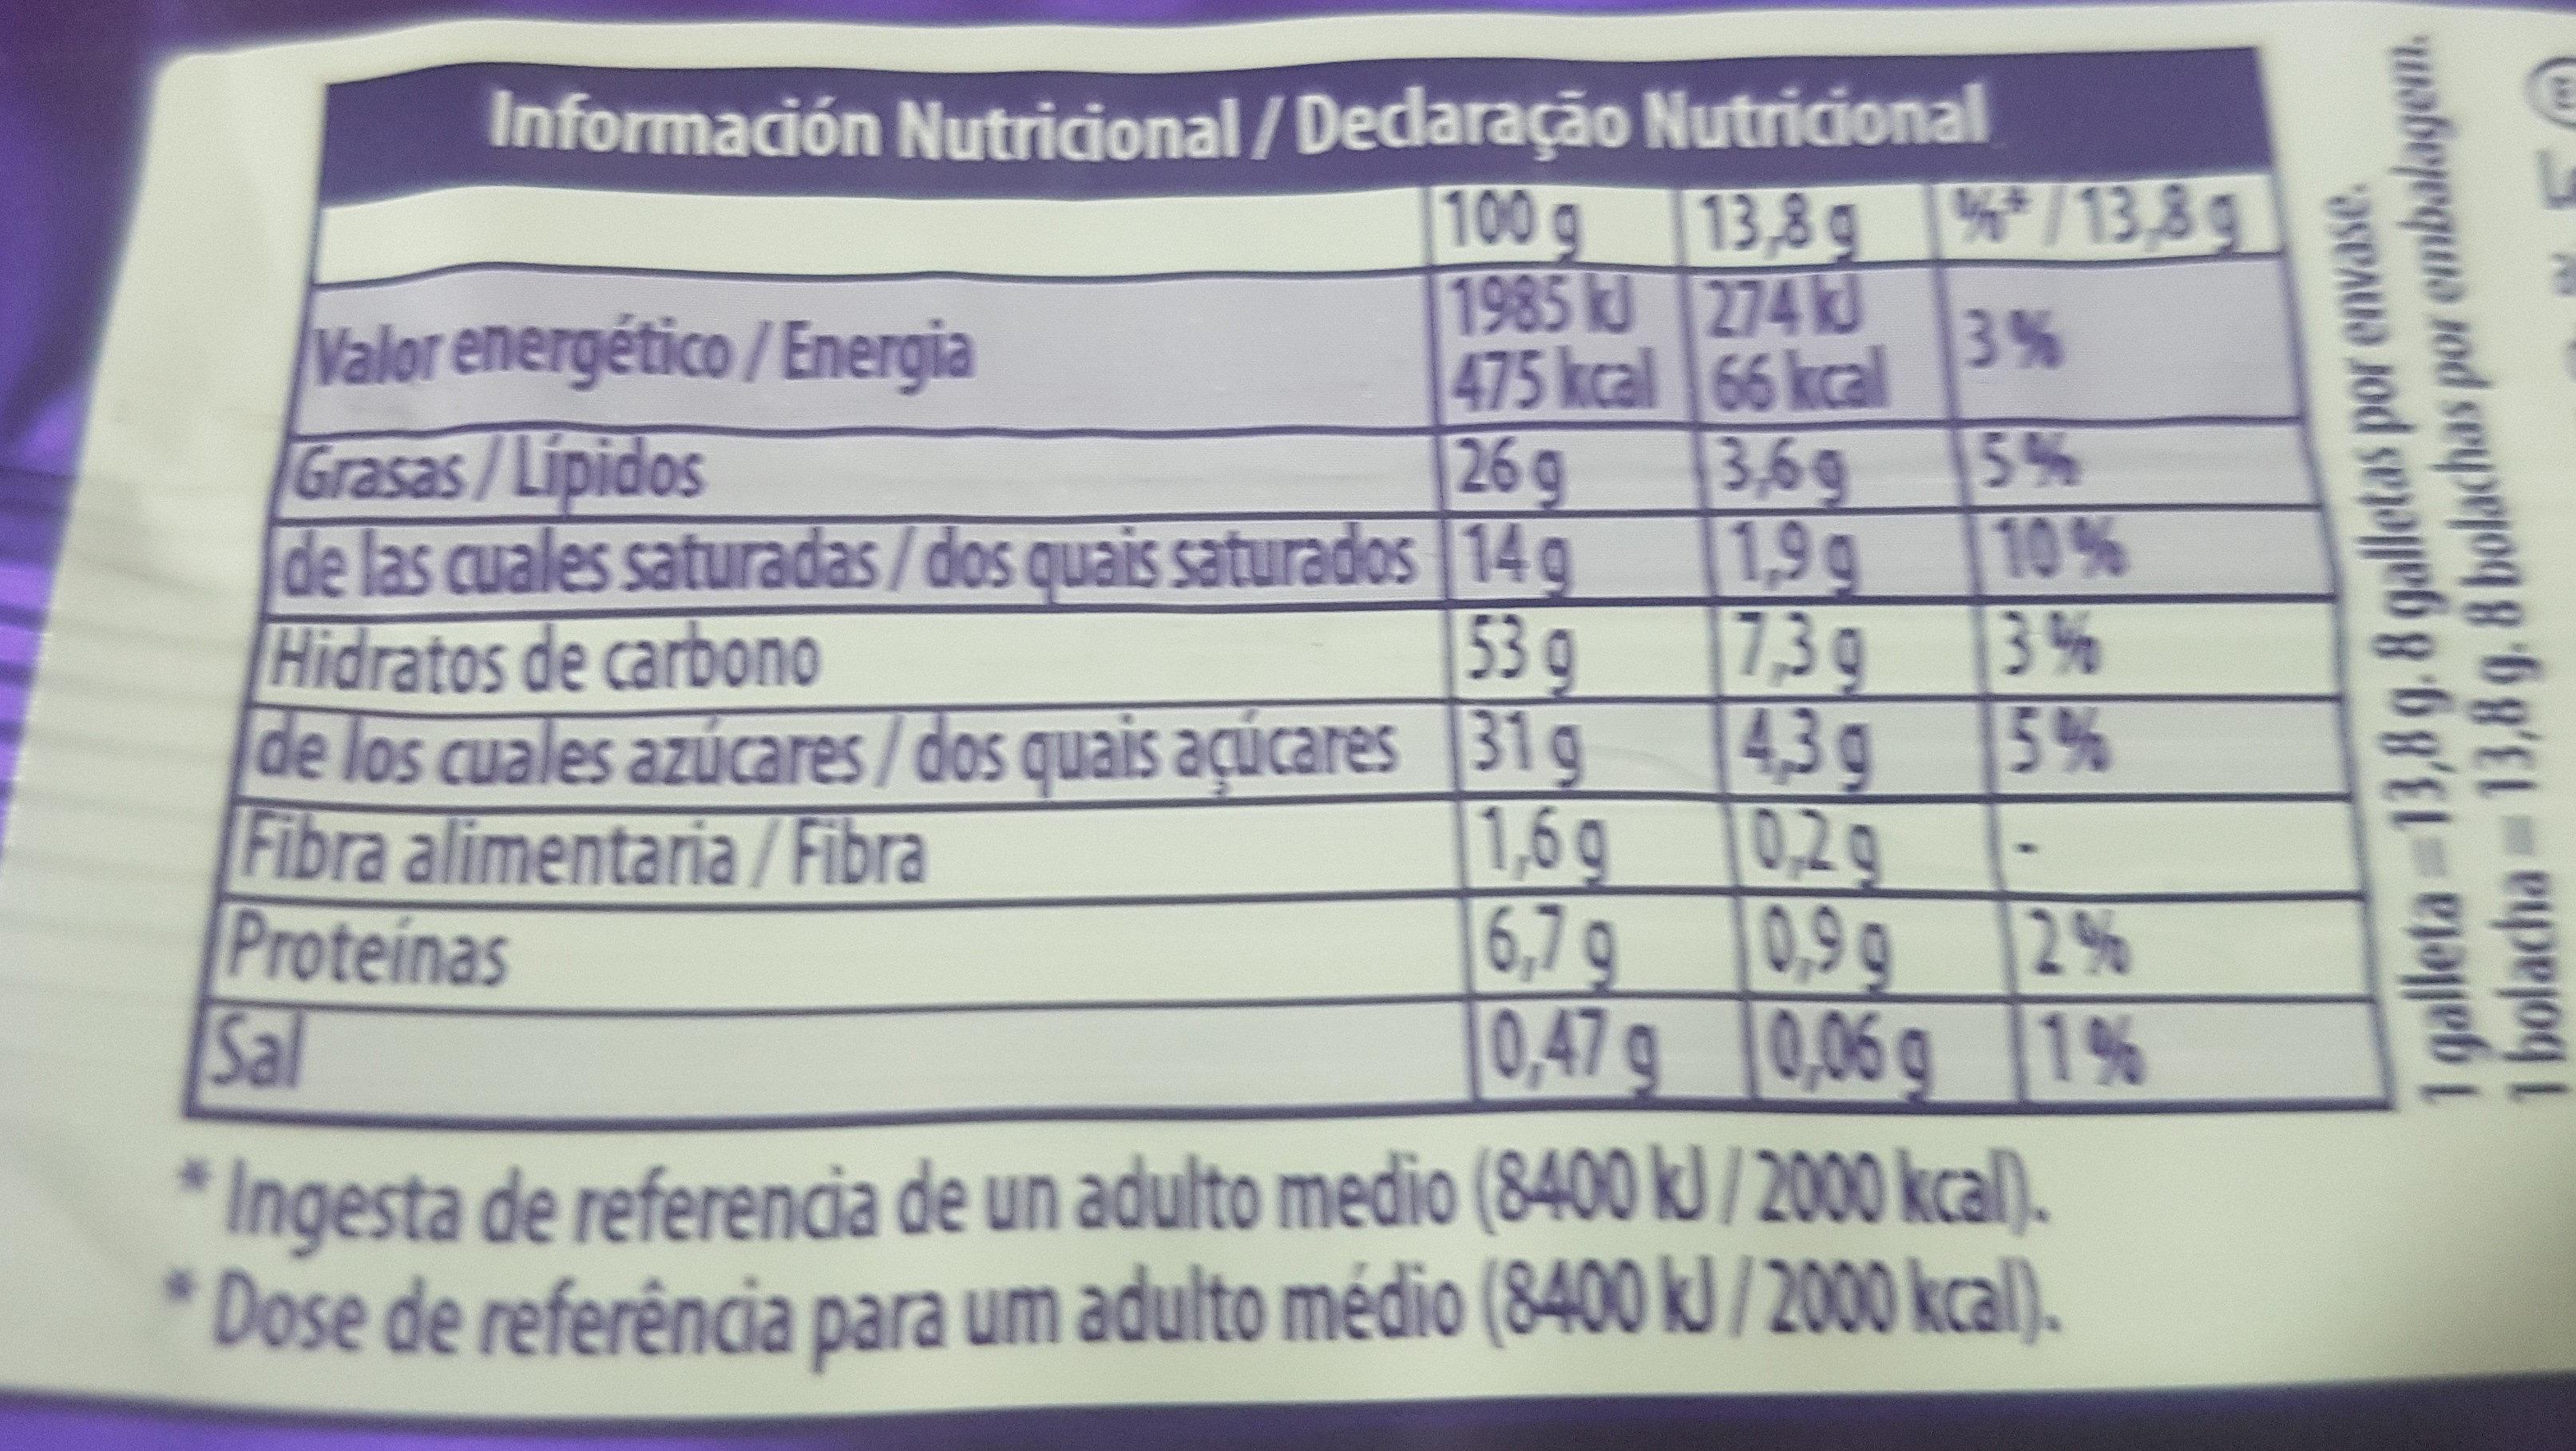 Galletas Cubiertas Con Chocolate Con Leche (52%). - Informació nutricional